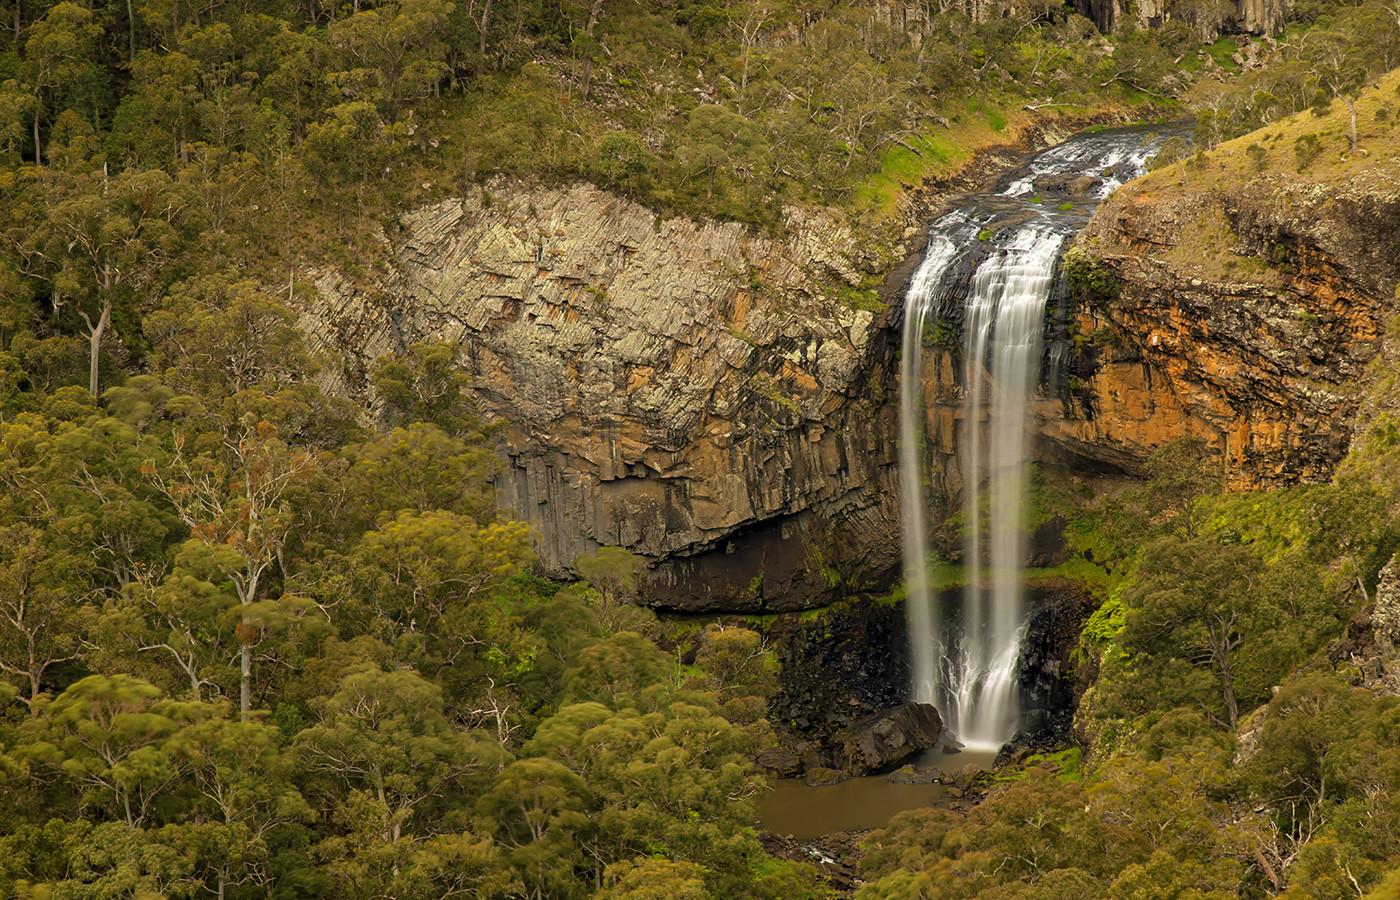 Margaret Kossowski - Waterfall MERIT